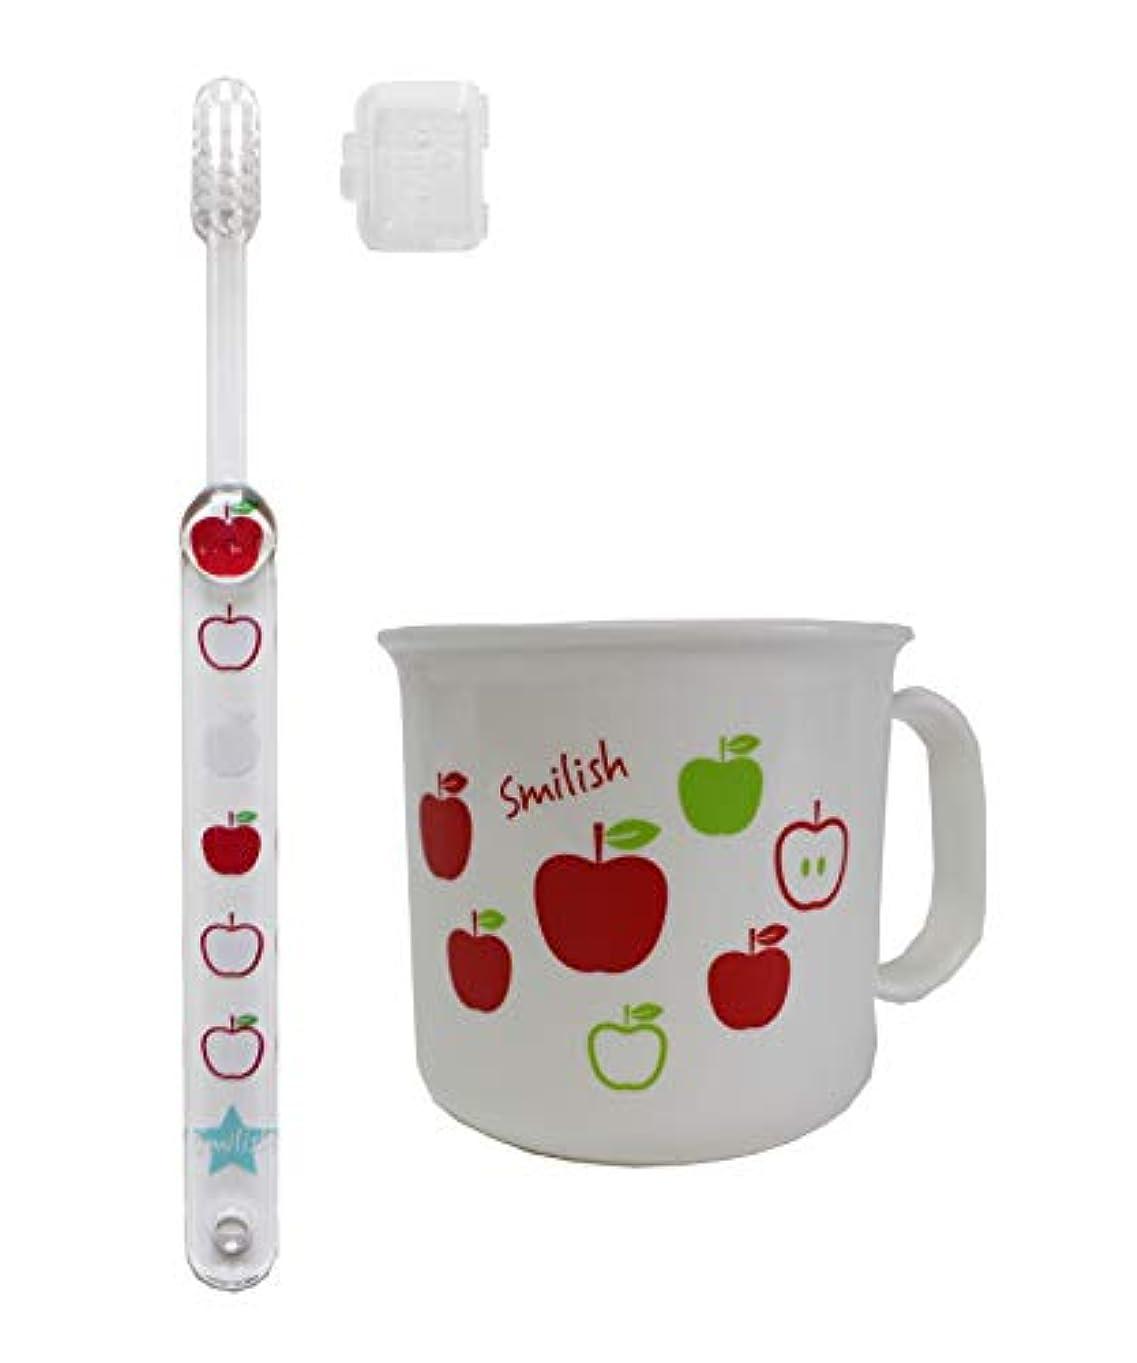 命題まつげ公子ども歯ブラシ(キャップ付き) 耐熱コップセット アップル